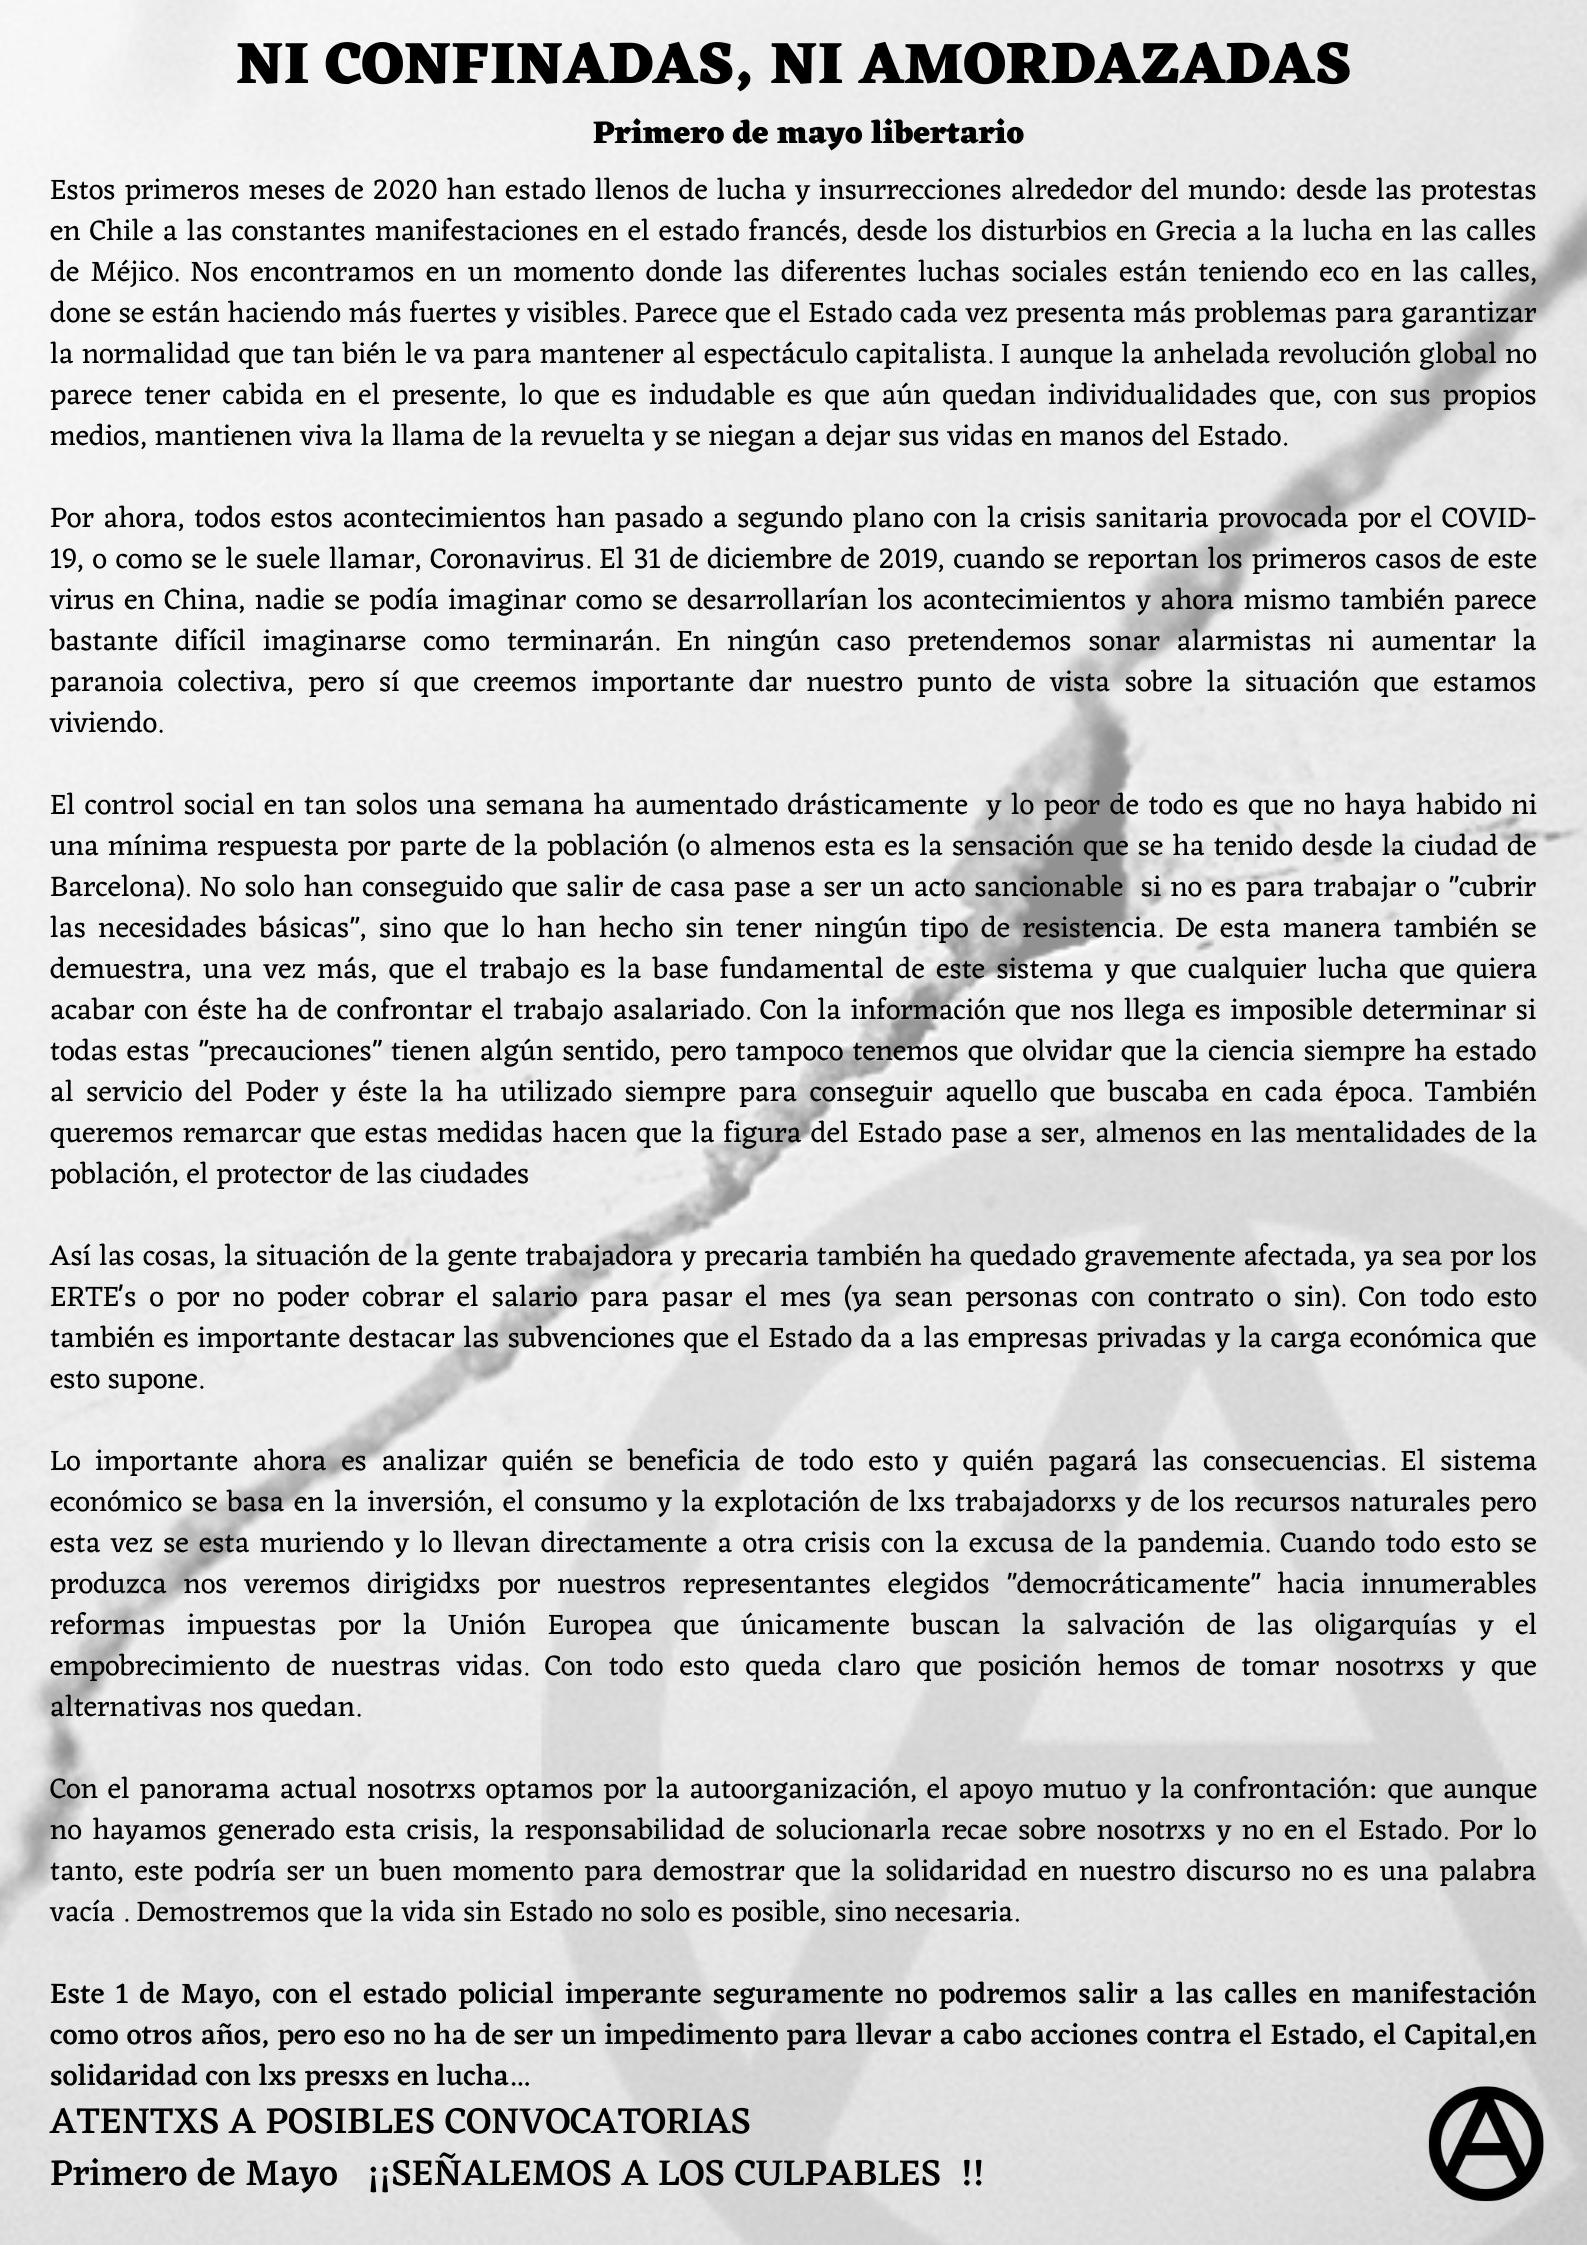 NI CONFINADAS NI AMORDAZADAS(1).png